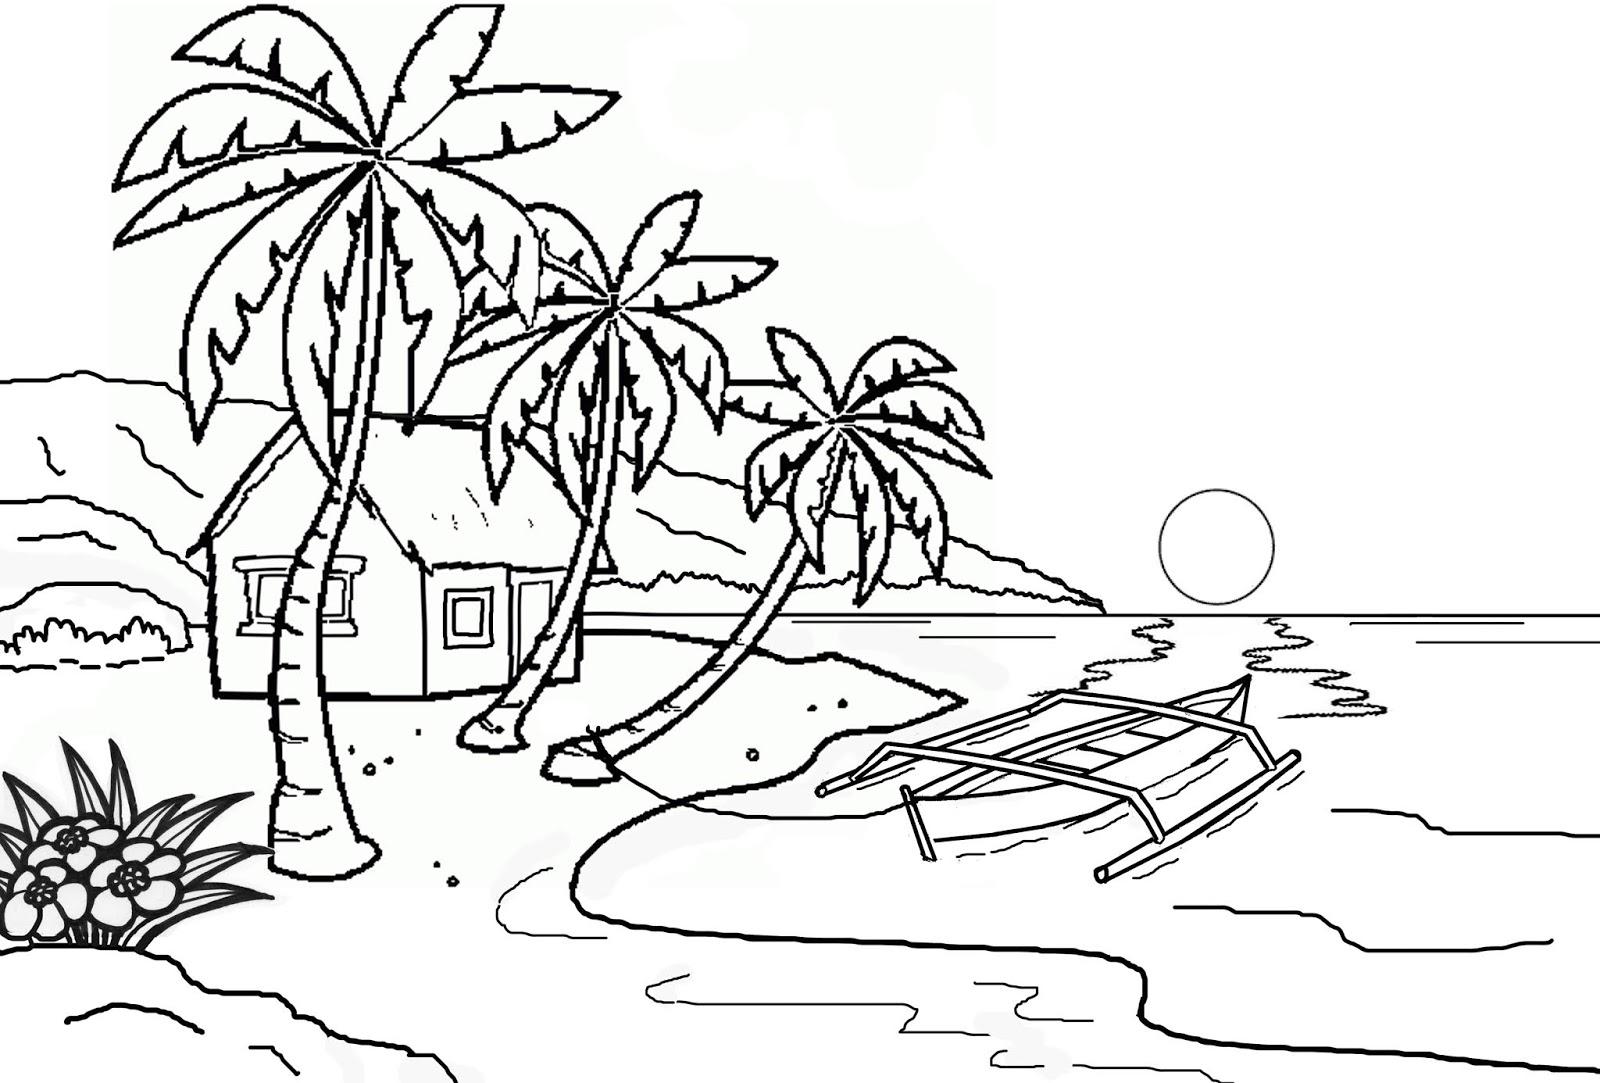 Gambar Mewarnai Pemandangan Laut Dan Pantai Gambarcoloring